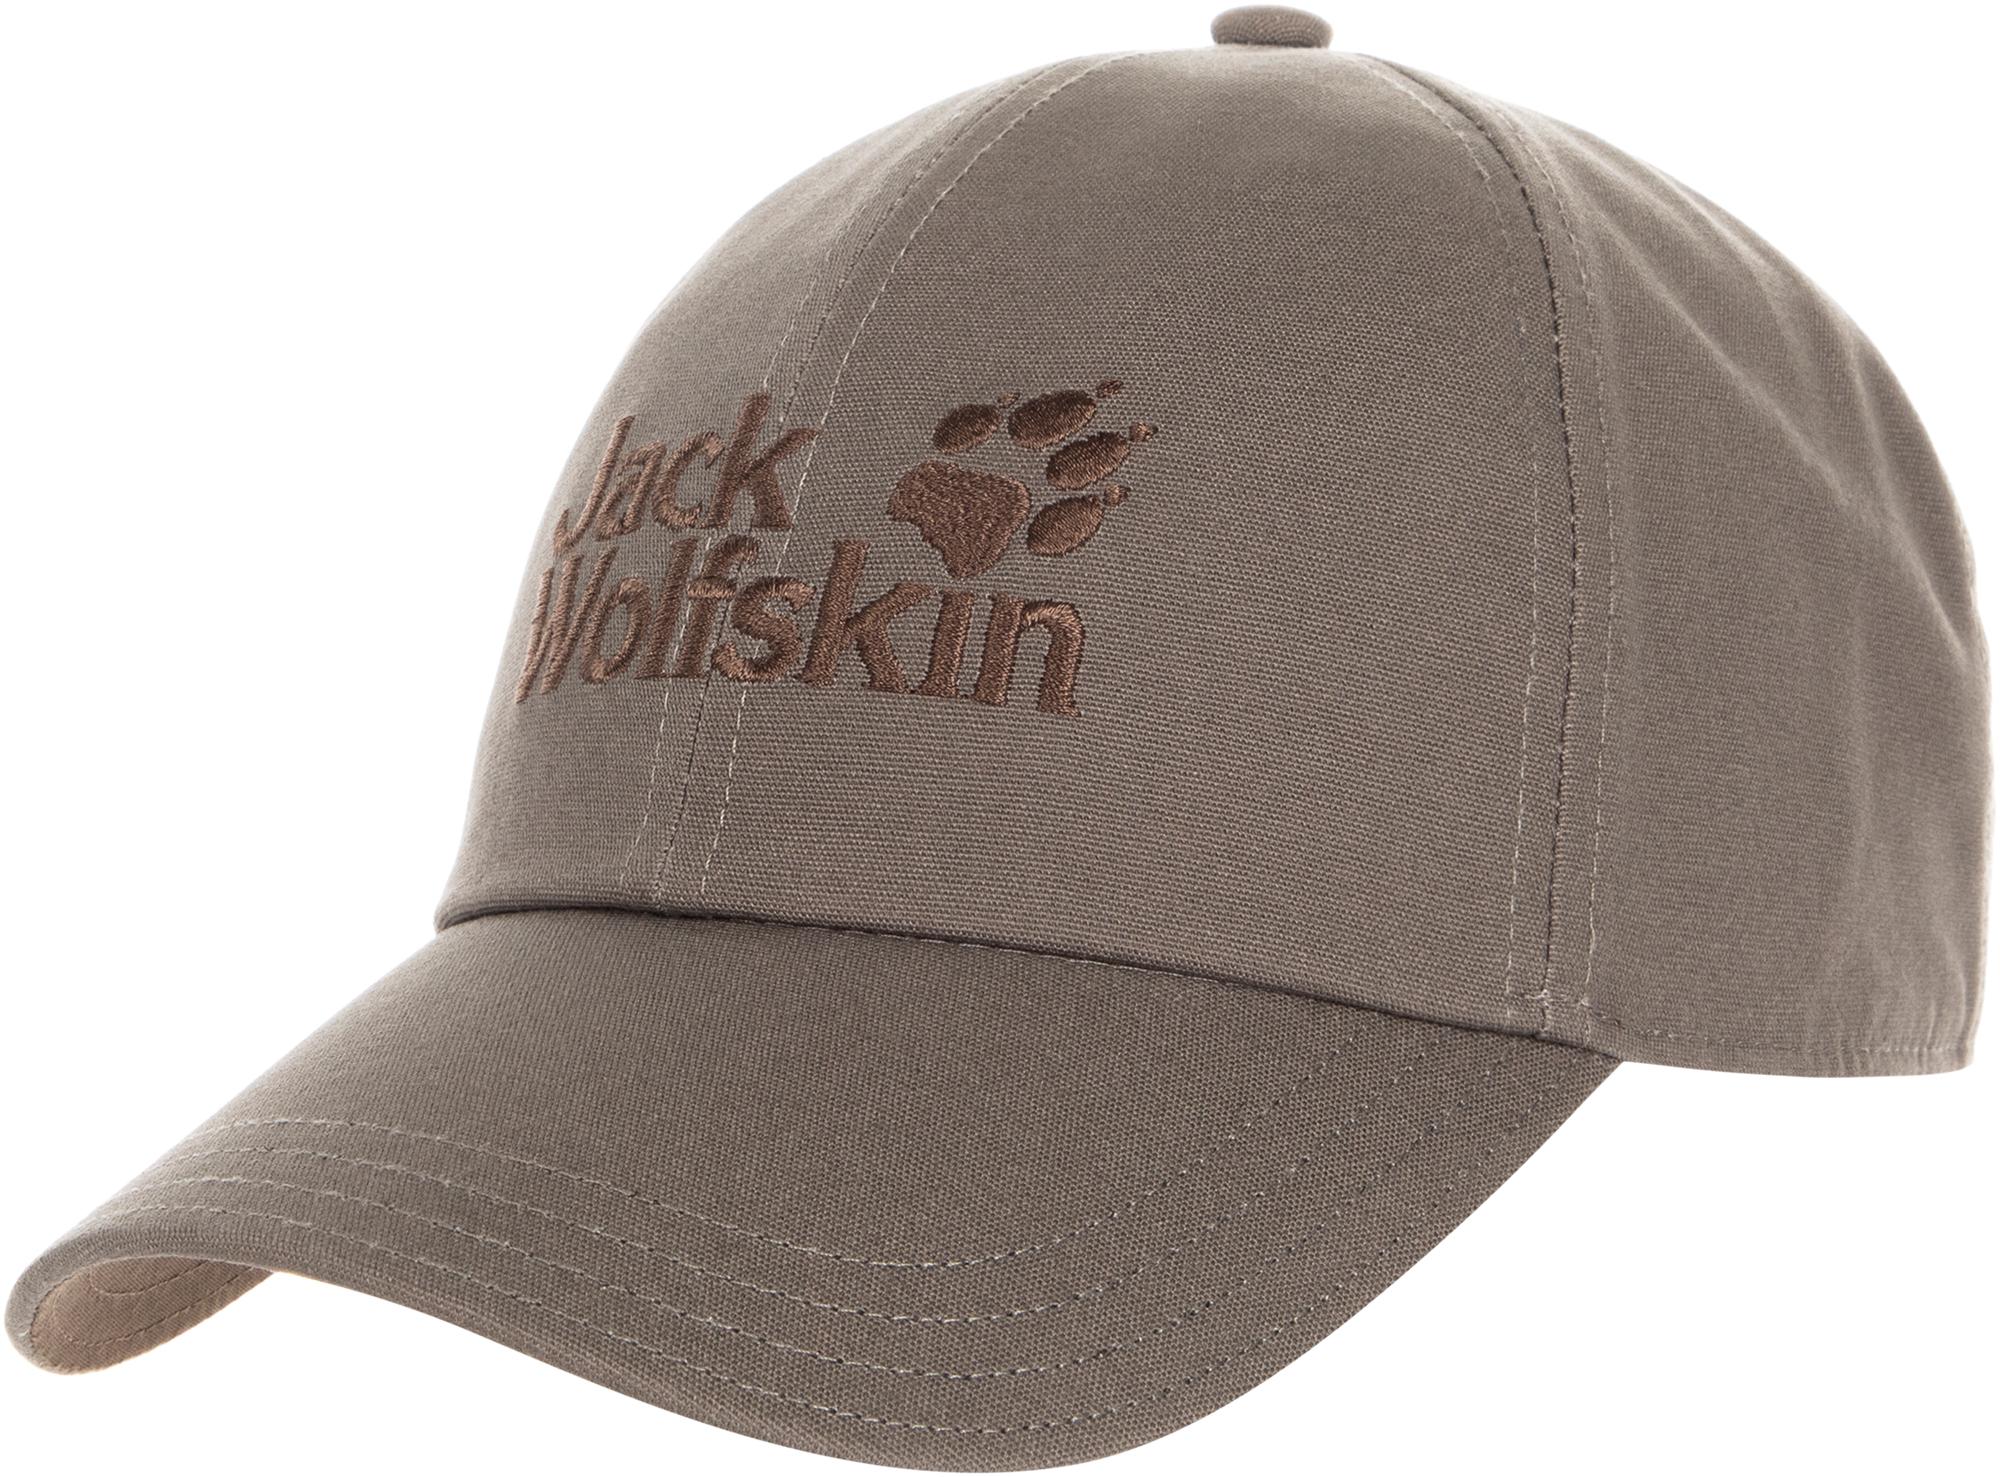 JACK WOLFSKIN Бейсболка Jack Wolfskin, размер 54-57 кепка jack wolfskin supplex canyon cap цвет молочный 1905891 5505 размер l 57 60